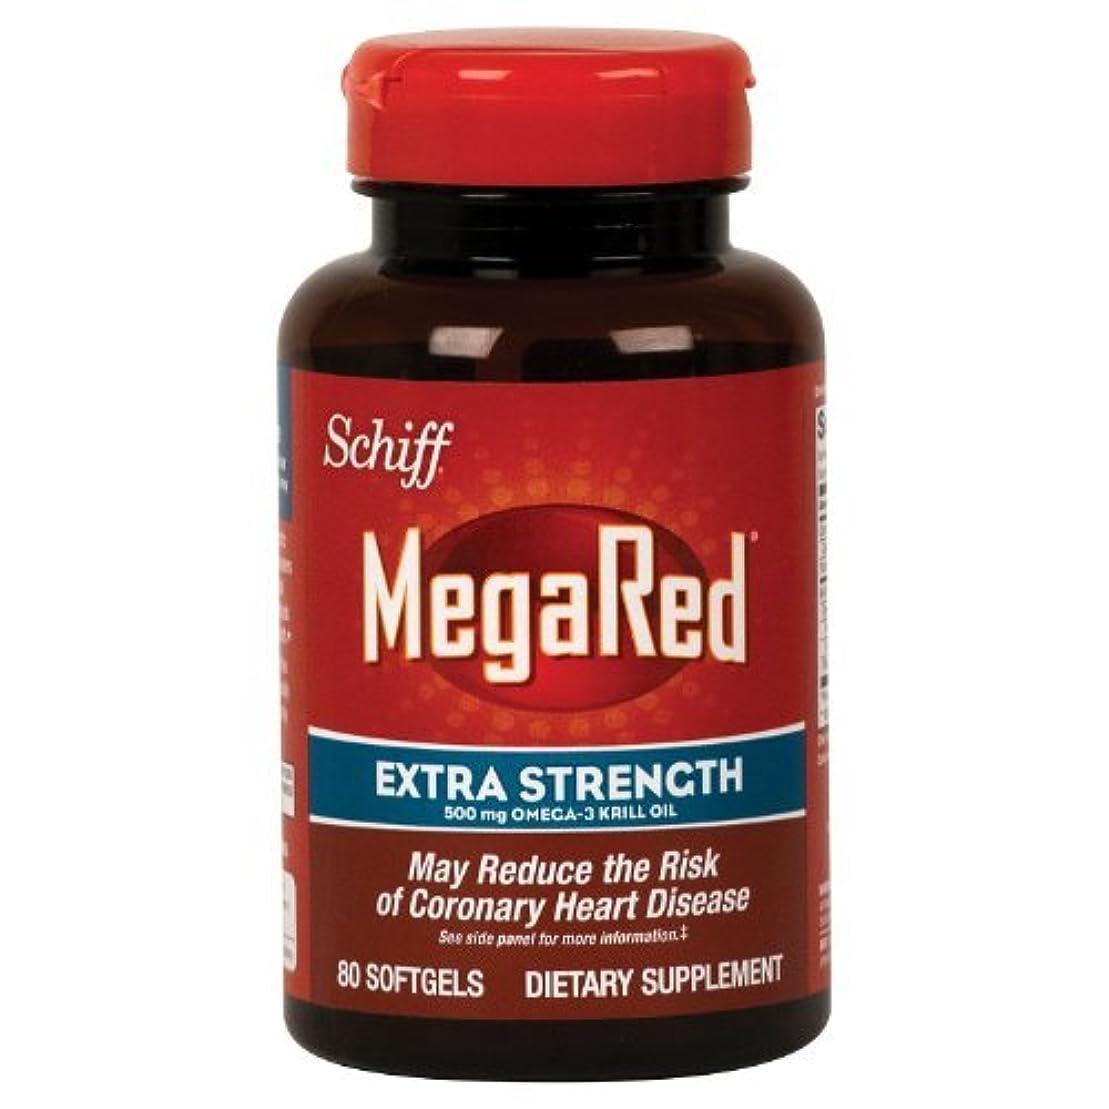 未払い吐き出す成人期Schiff Megared Extra Strength 500mg Omega-3 Krill Oil - 80 Softgels by Simply Right [並行輸入品]